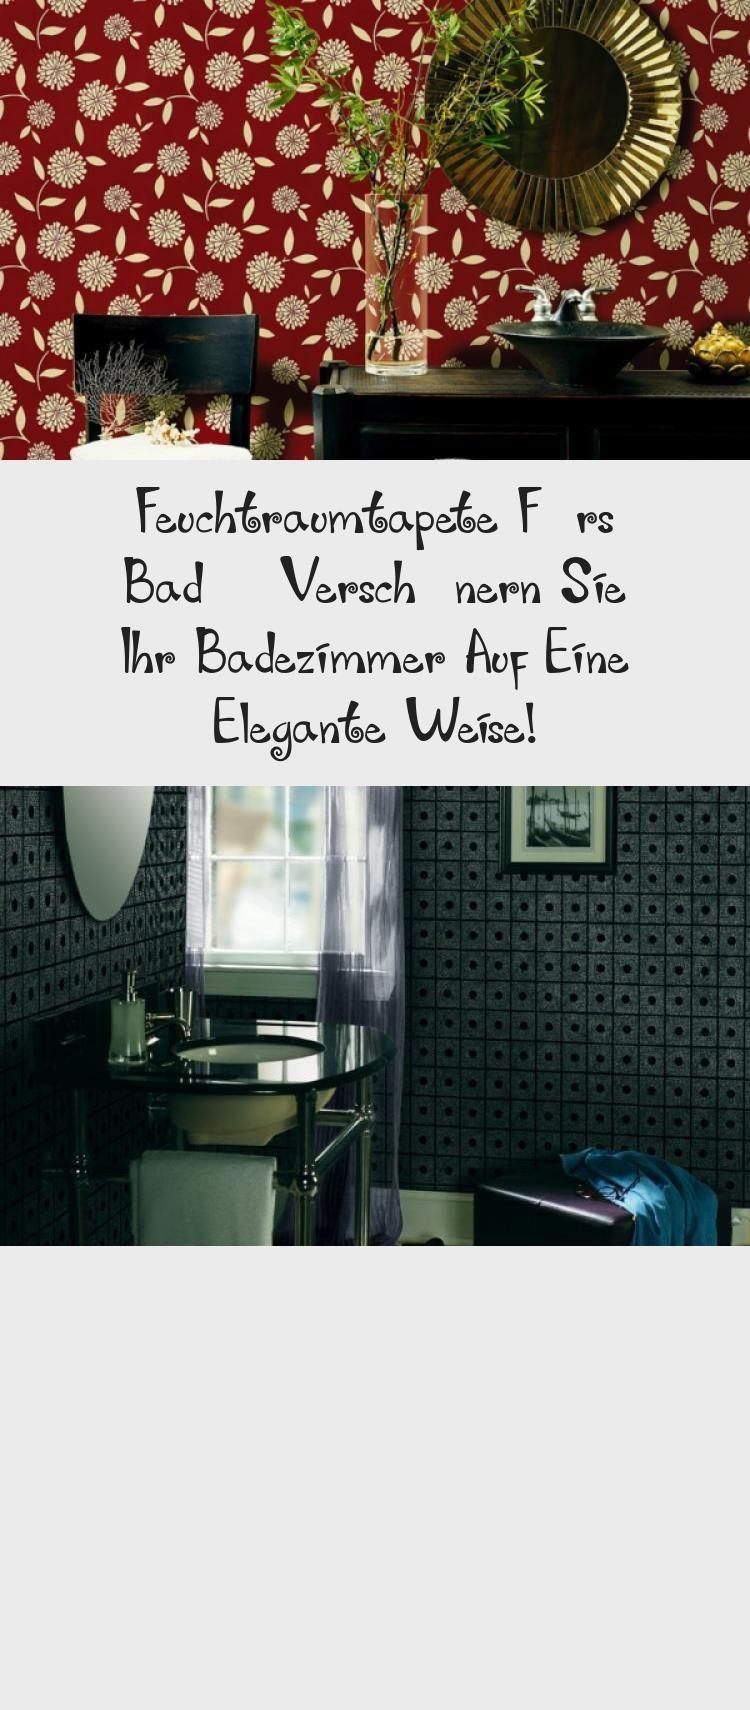 Feuchtraumtapete Furs Bad Verschonern Sie Ihr Badezimmer Auf Eine Elegante Weise Auf Bad Badezimmer Badezimmerdekorationgr 2020